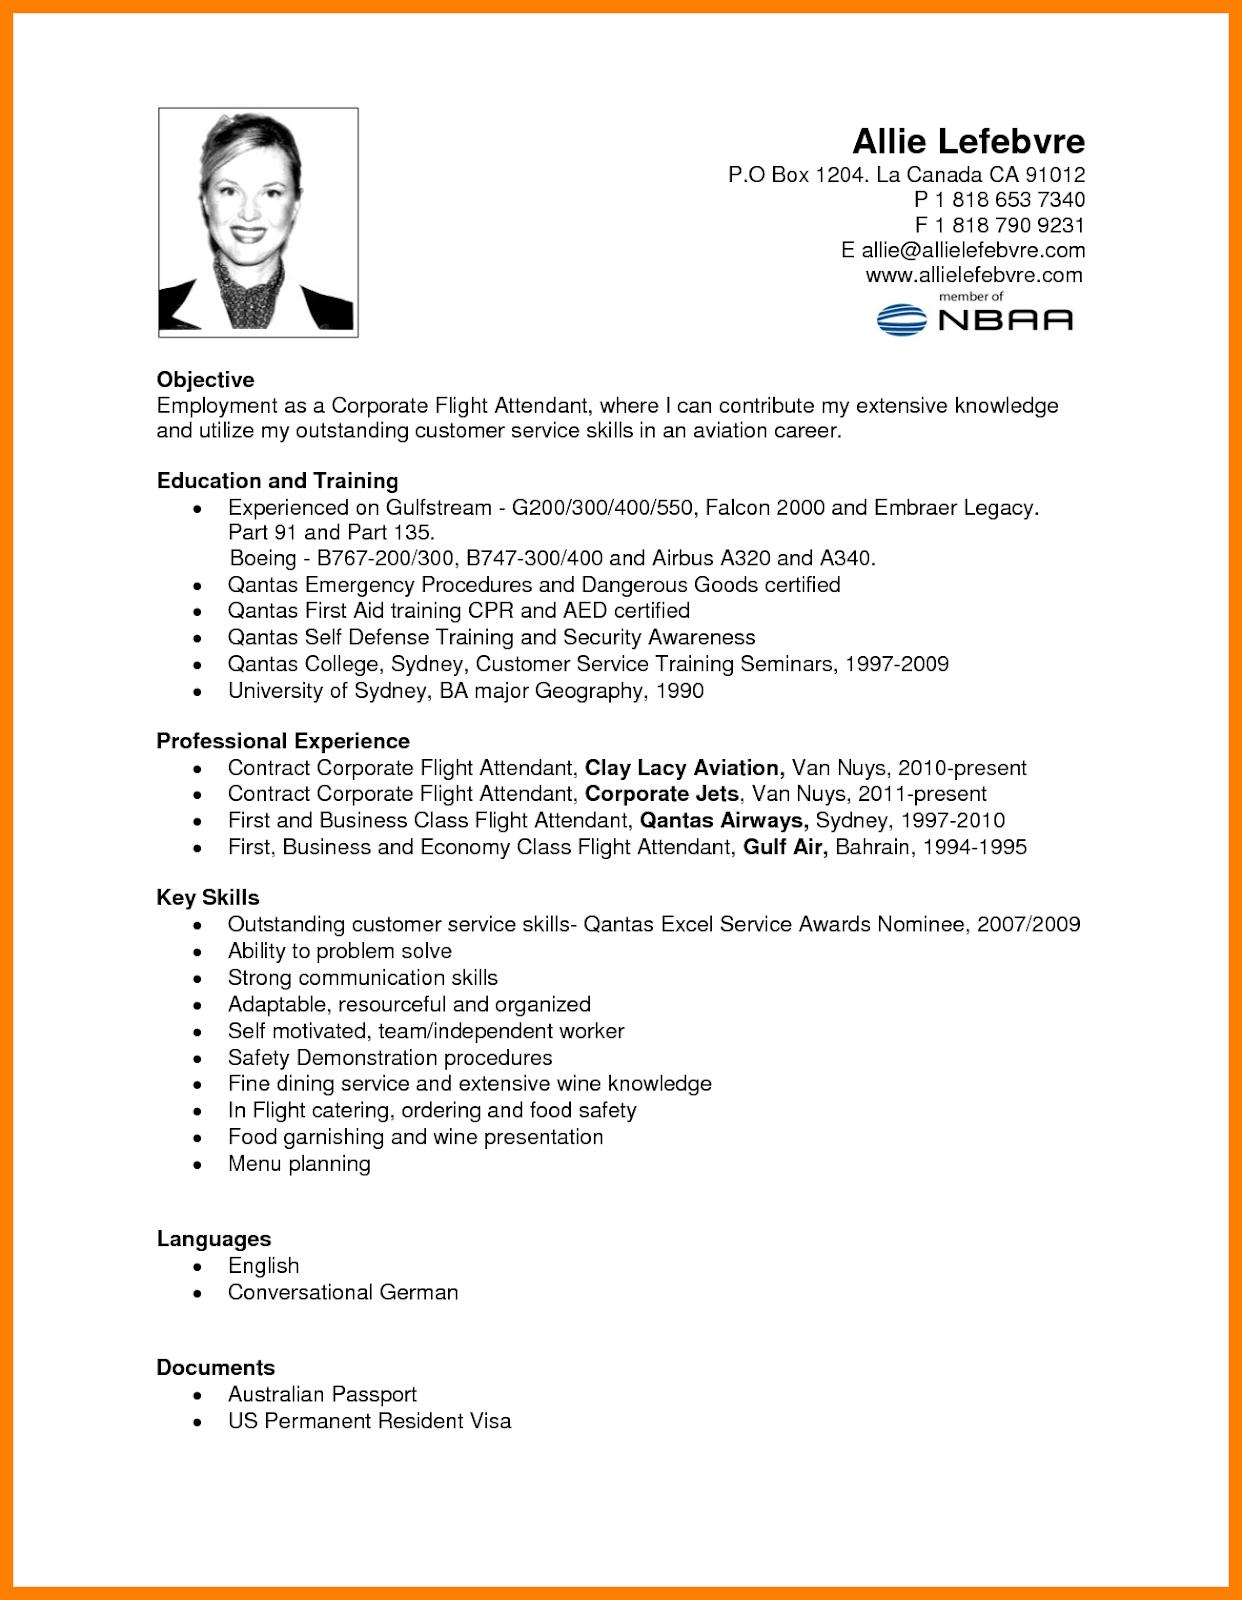 flight attendant resume examples, flight attendant resume examples no experience, flight attendant resume example, flight attendant resume samples, flight attendant resume objective examples, flight attendant resume example objective, corporate flight attendant resume examples, flight attendant curriculum vitae example,